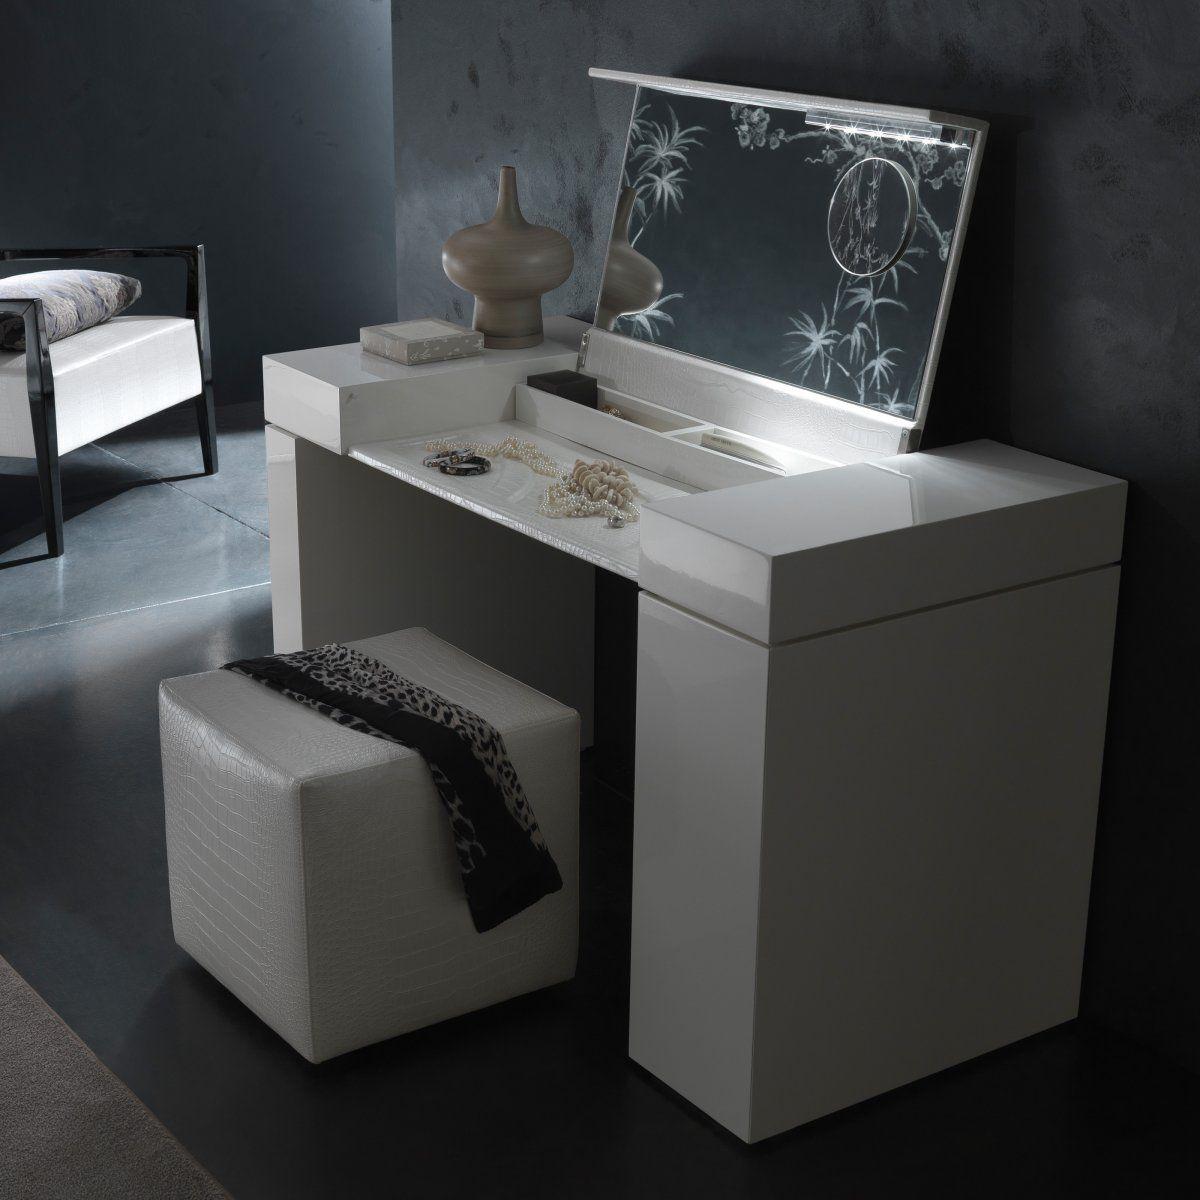 Nightfly White Bedroom Vanity Set - Bedroom Vanities at ...